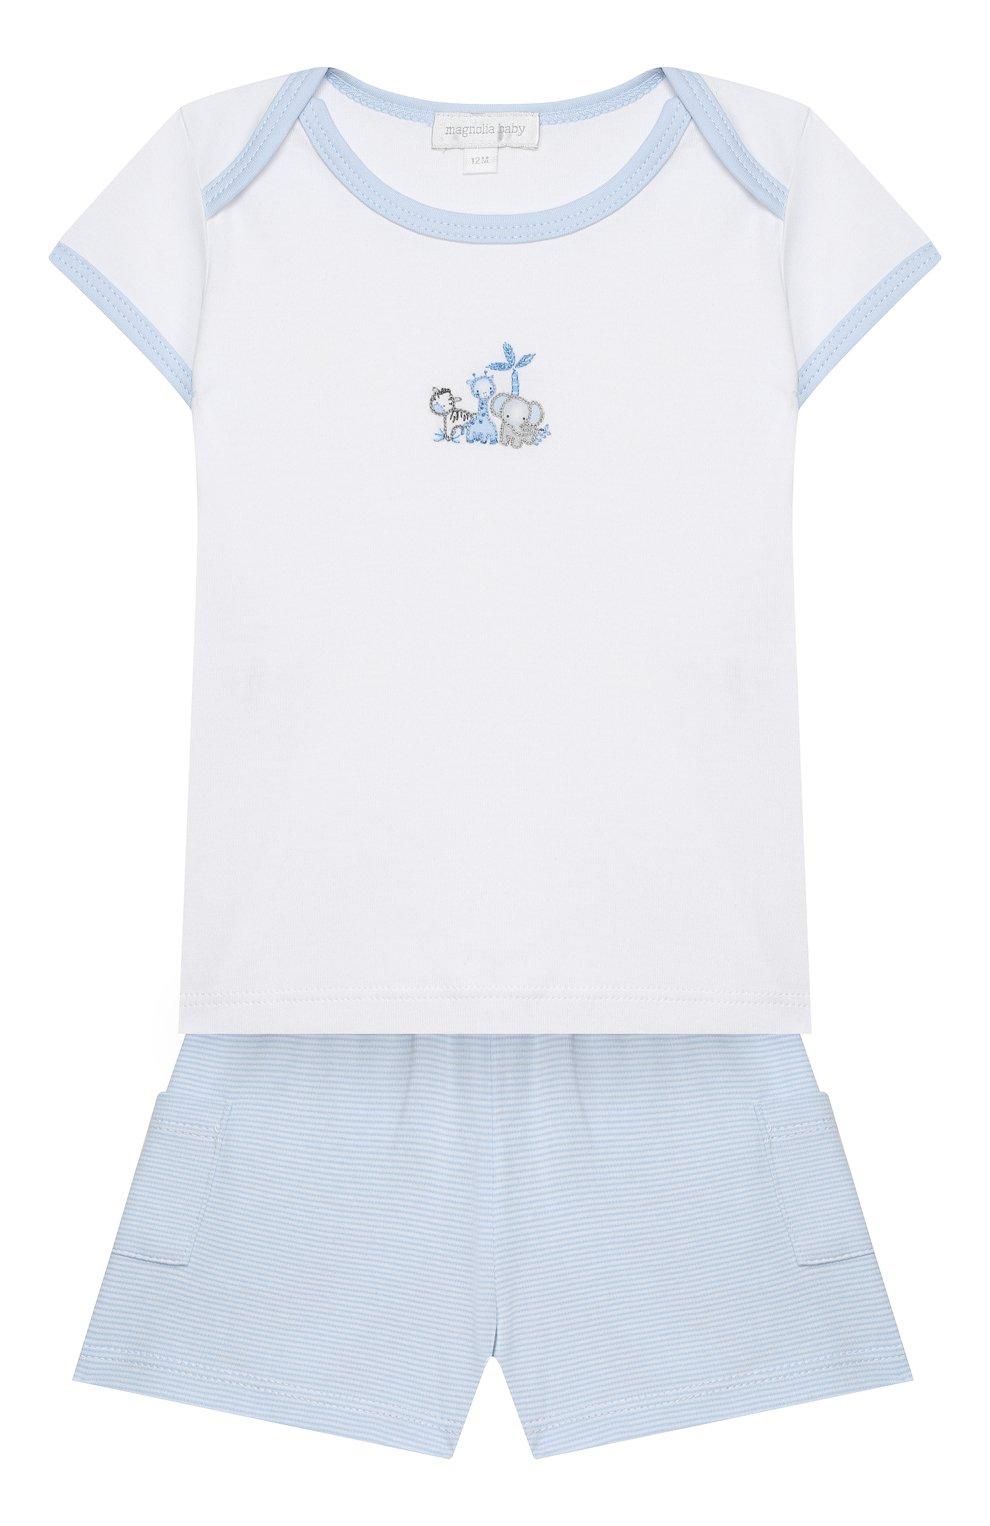 Детский комплект из топа и шорт MAGNOLIA BABY голубого цвета, арт. 649-102-LB | Фото 1 (Рукава: Короткие; Материал внешний: Хлопок)